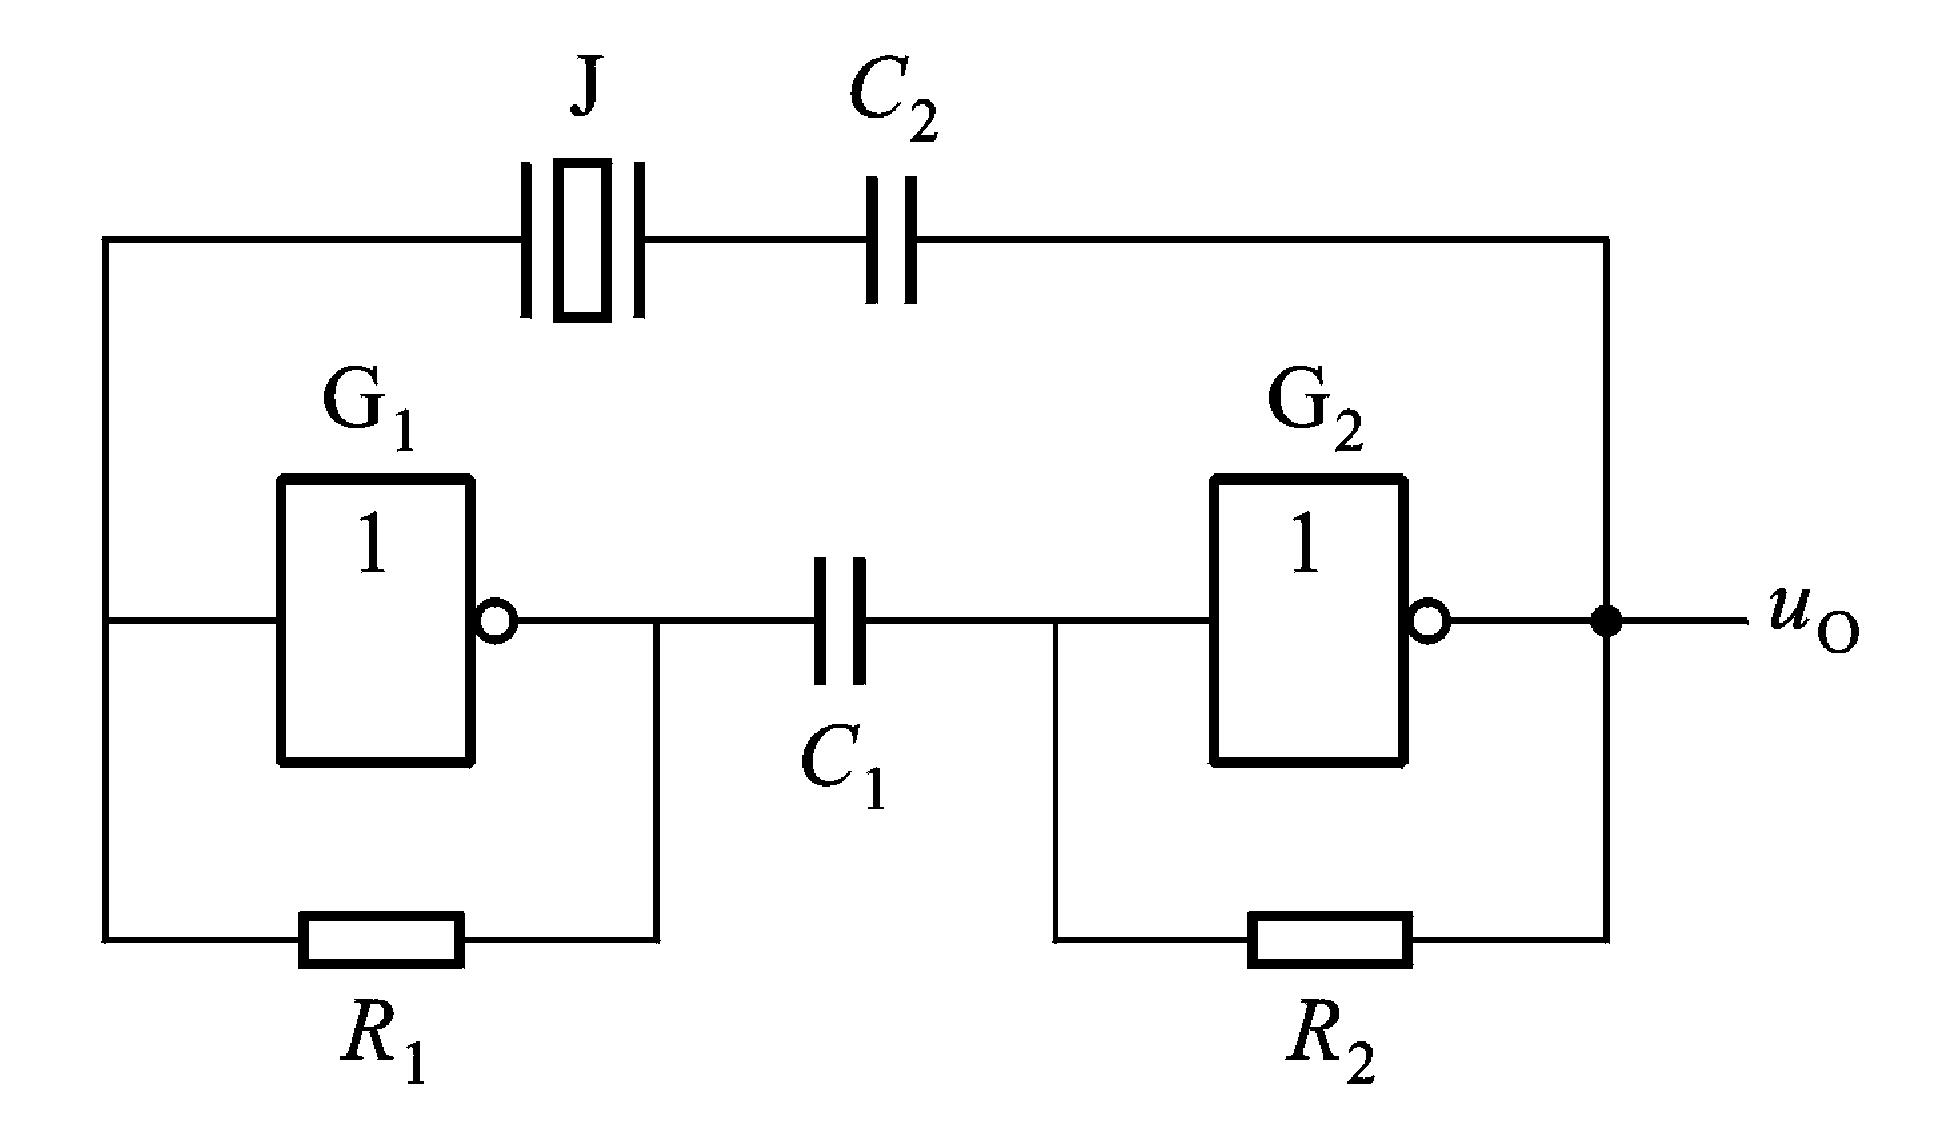 为什么晶振振荡电路里会有高次谐波? lc振荡电路也会有高次谐波?